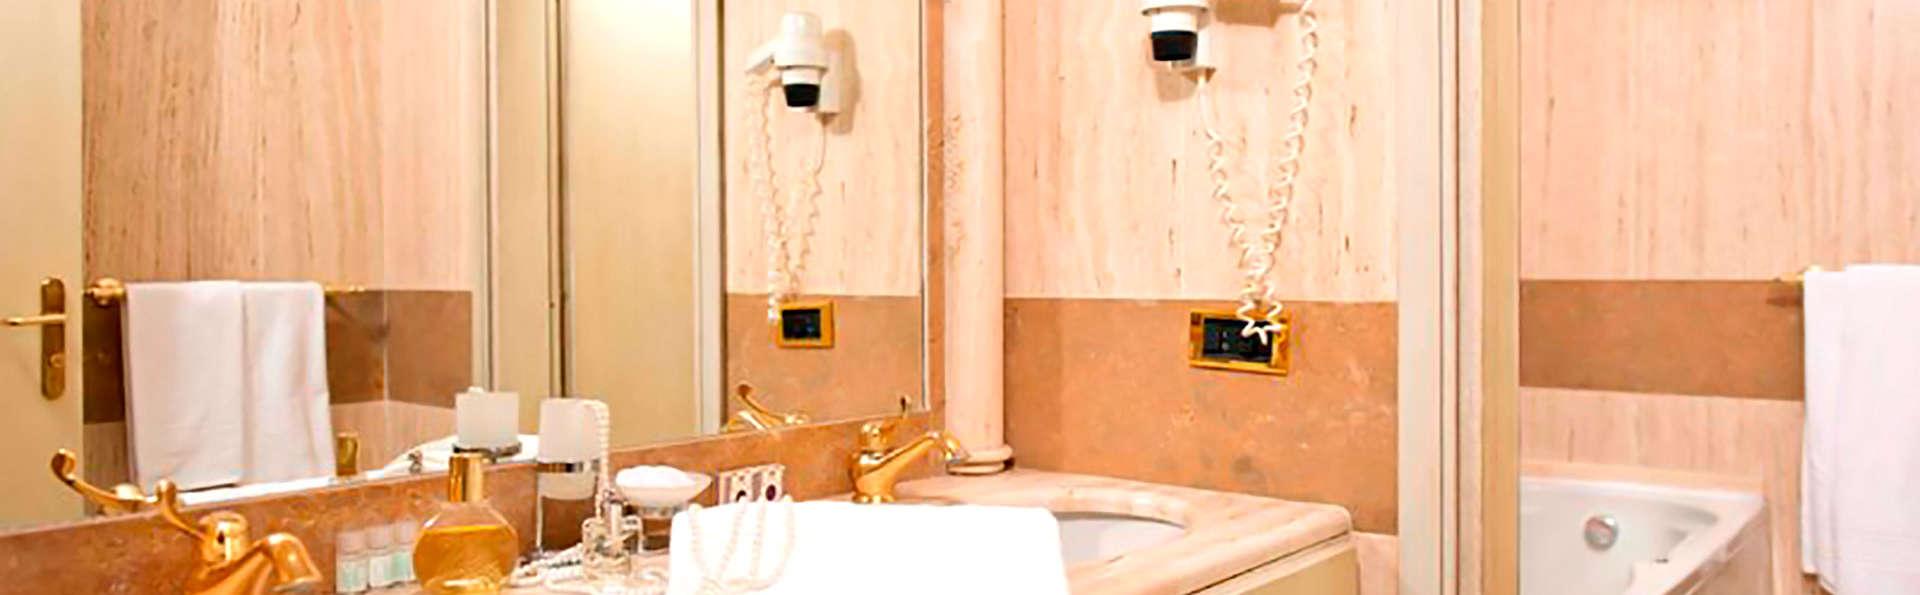 Hotel Villa Medici - Edit_Bathroom.jpg